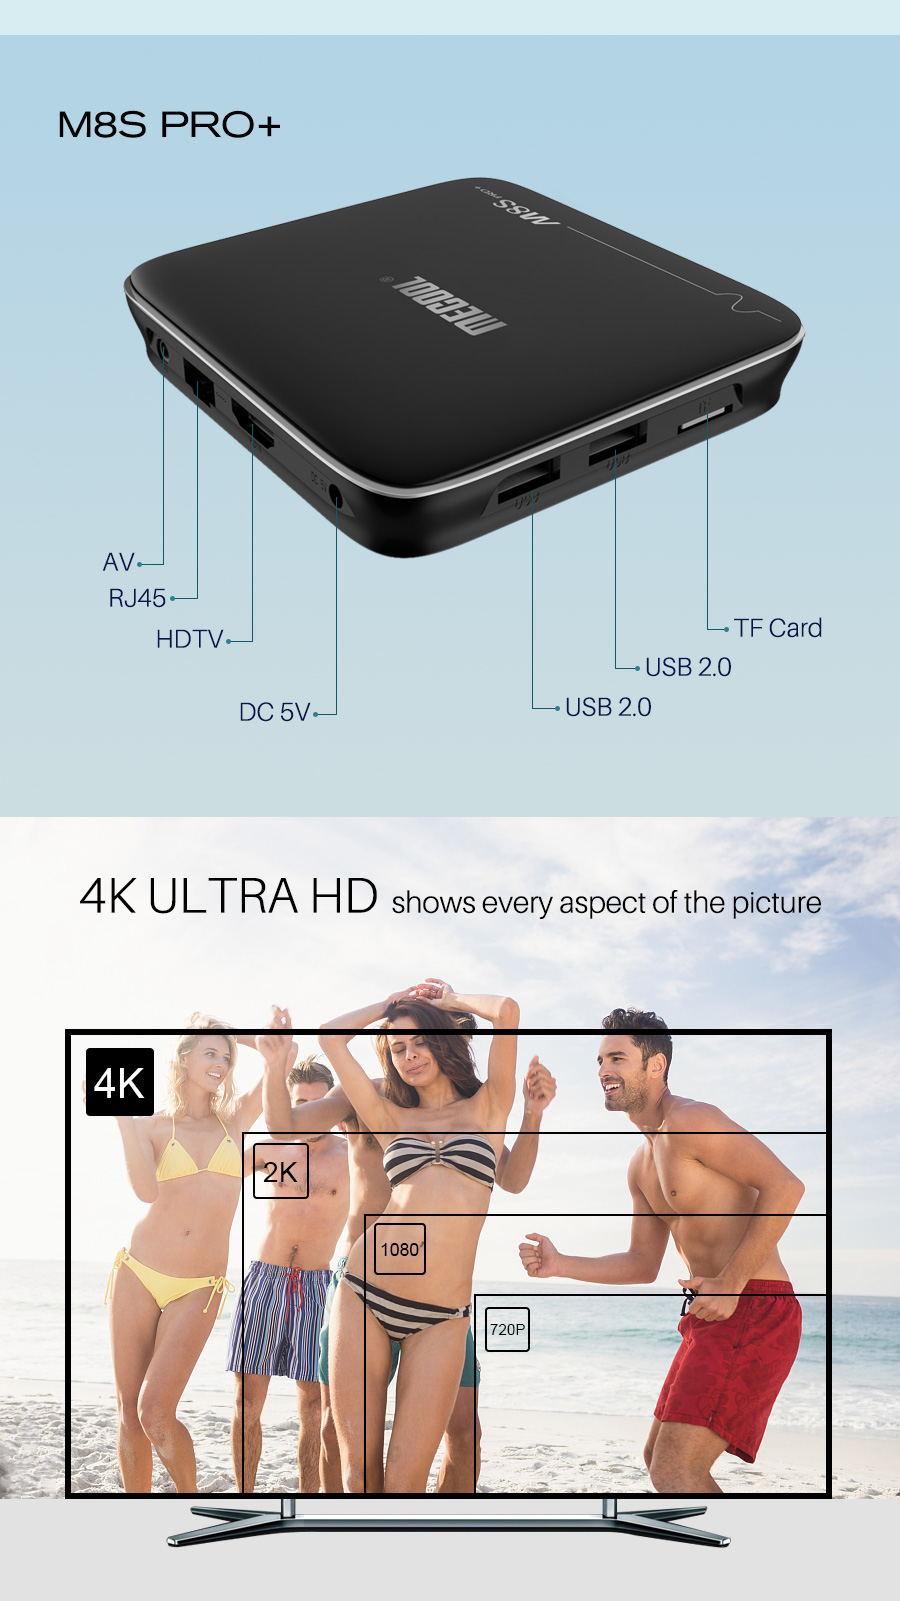 new mecool m8s pro plus tv box